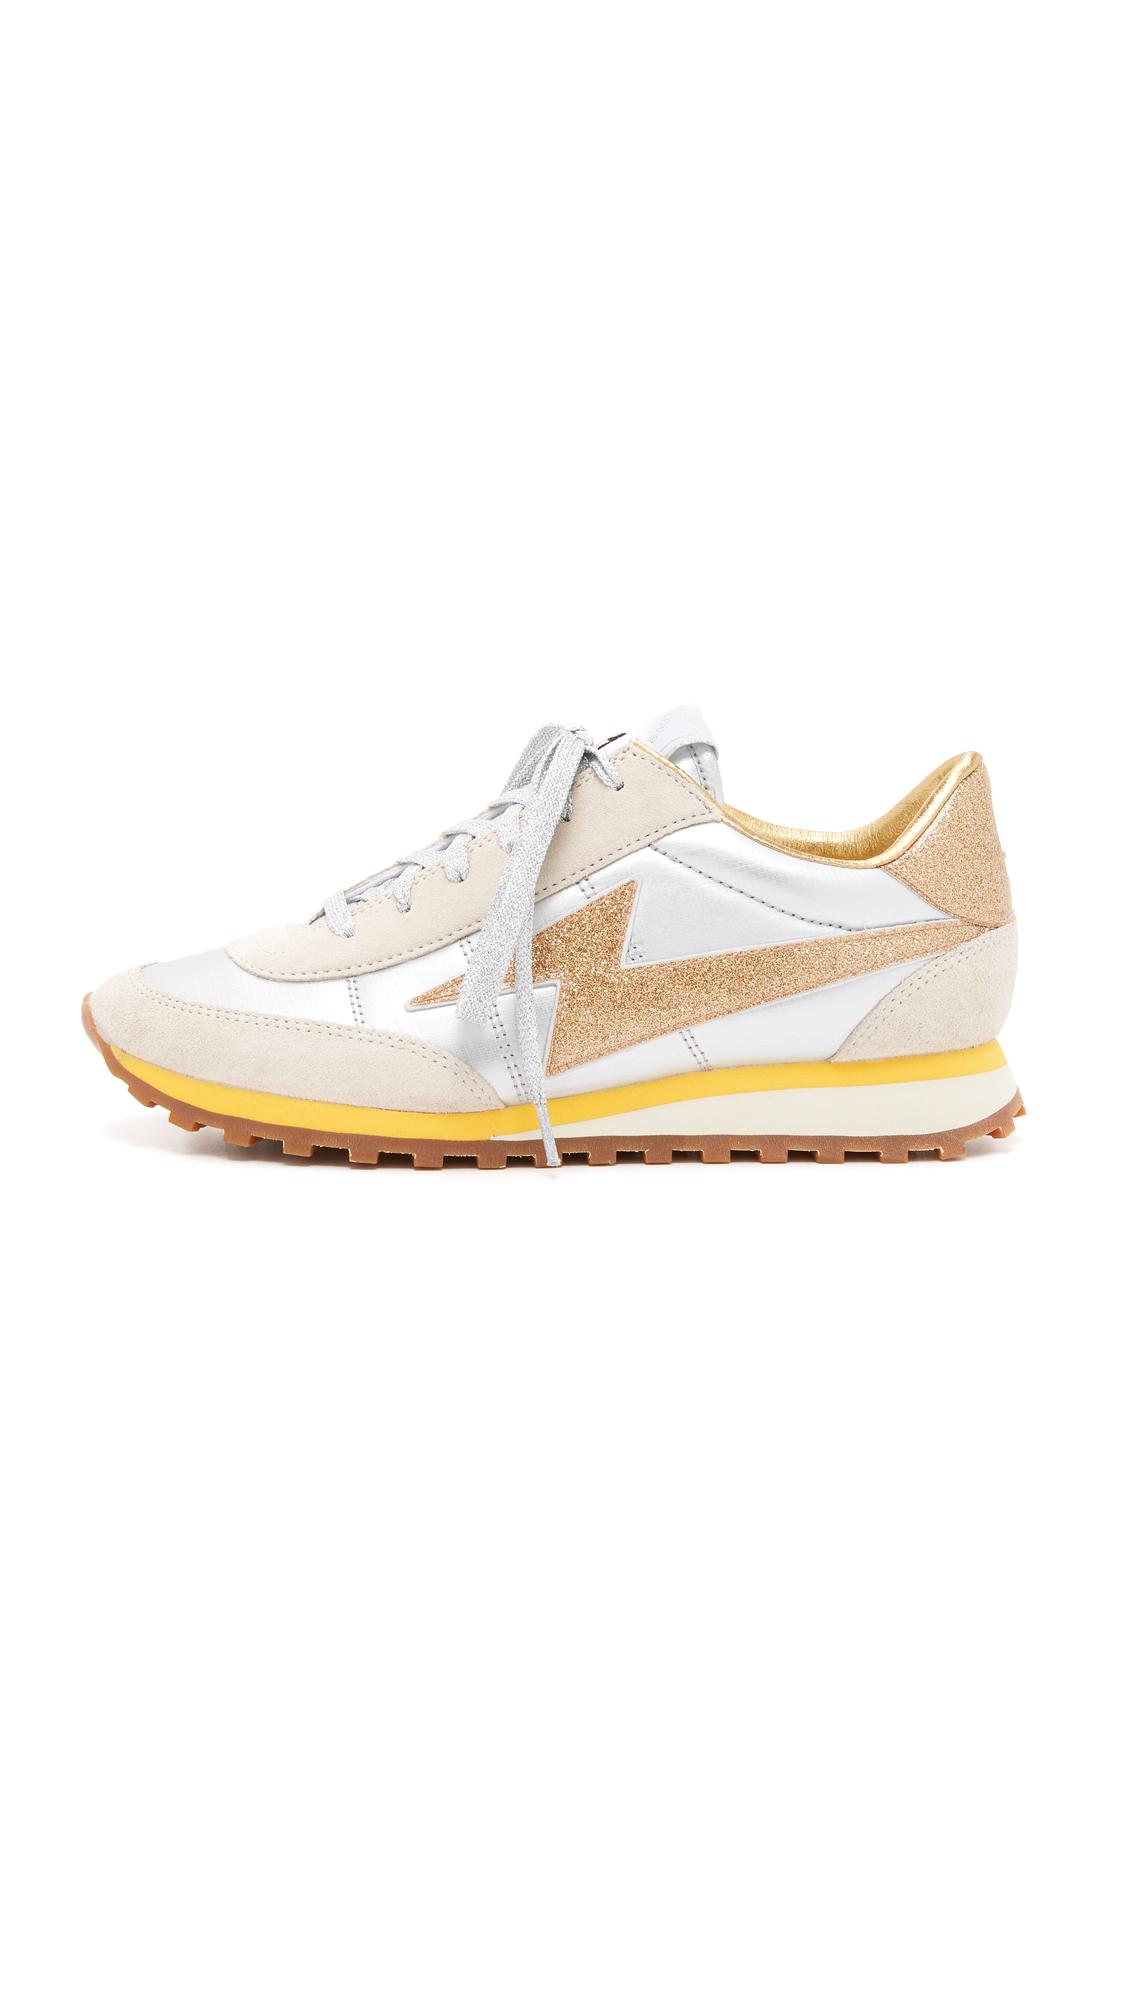 lightning bolt sneakers - White Marc Jacobs I2m6Xk